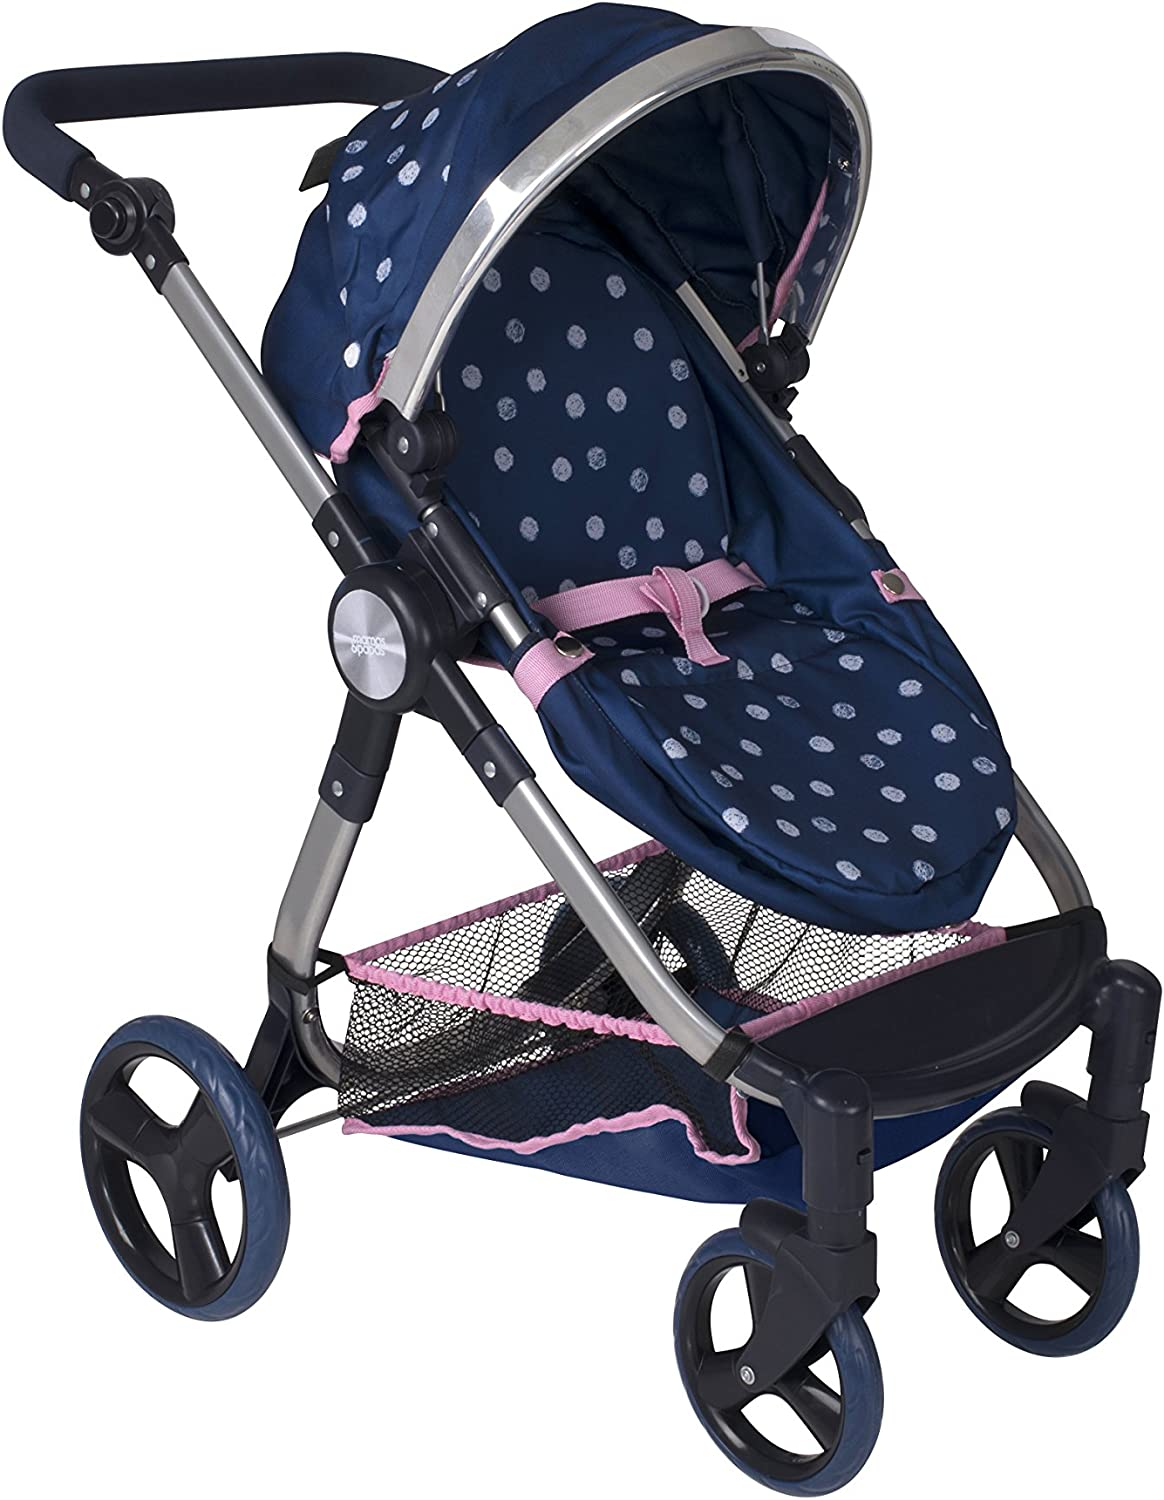 Mamas /& Papas 1423560 Junior ocarro Travel System